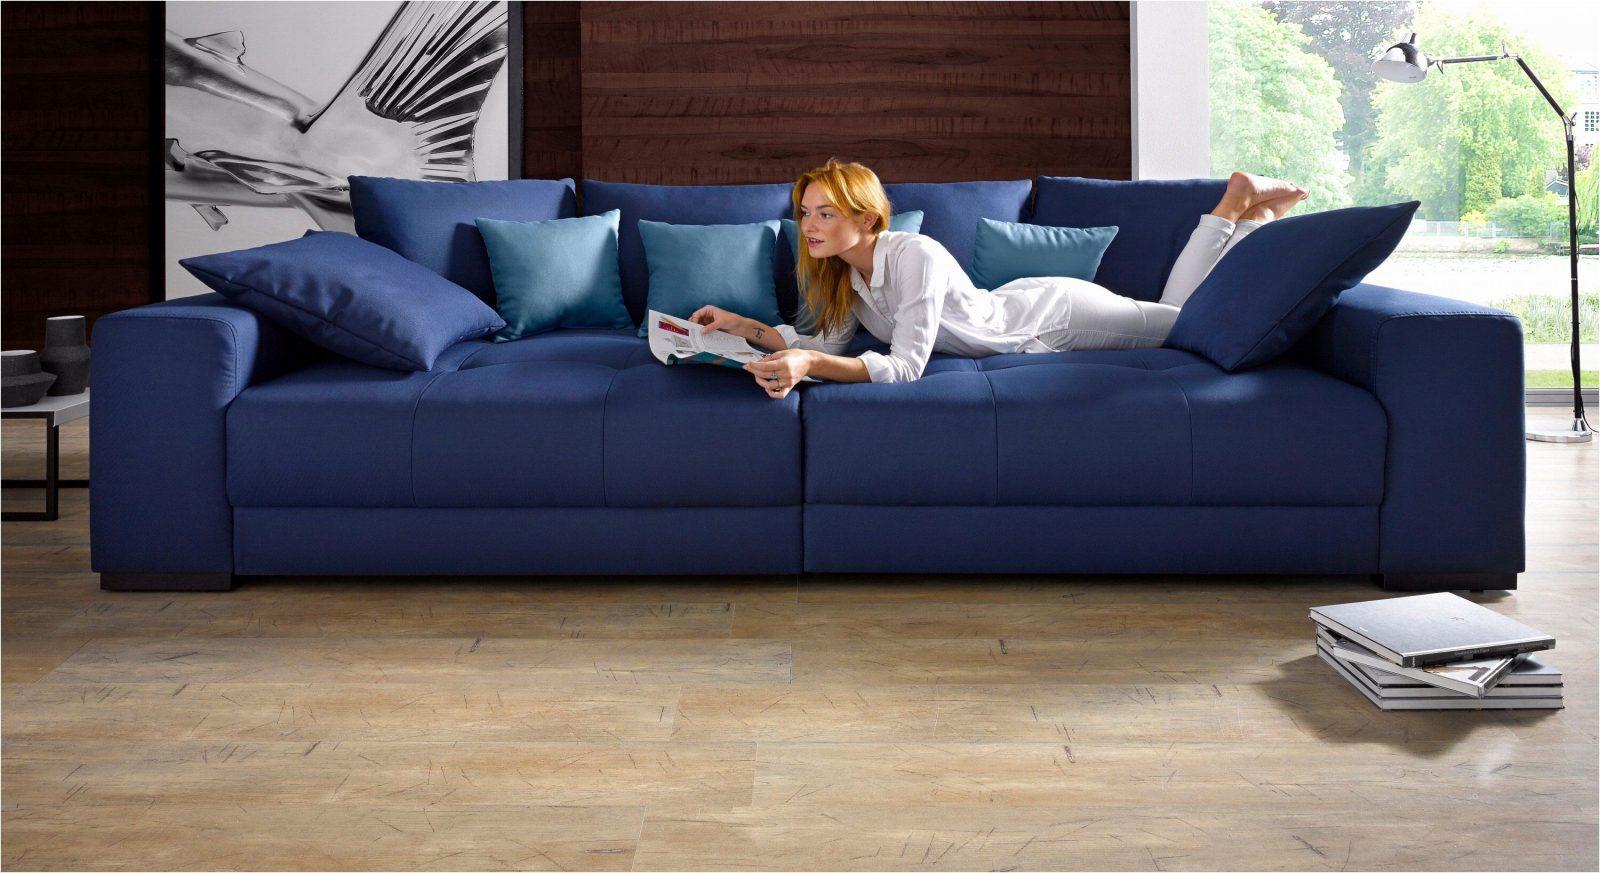 Sofa Auf Rechnung Inspirierend Top Ergebnis 20 Inspirierend Big Sofa von Big Sofa Auf Rechnung Photo